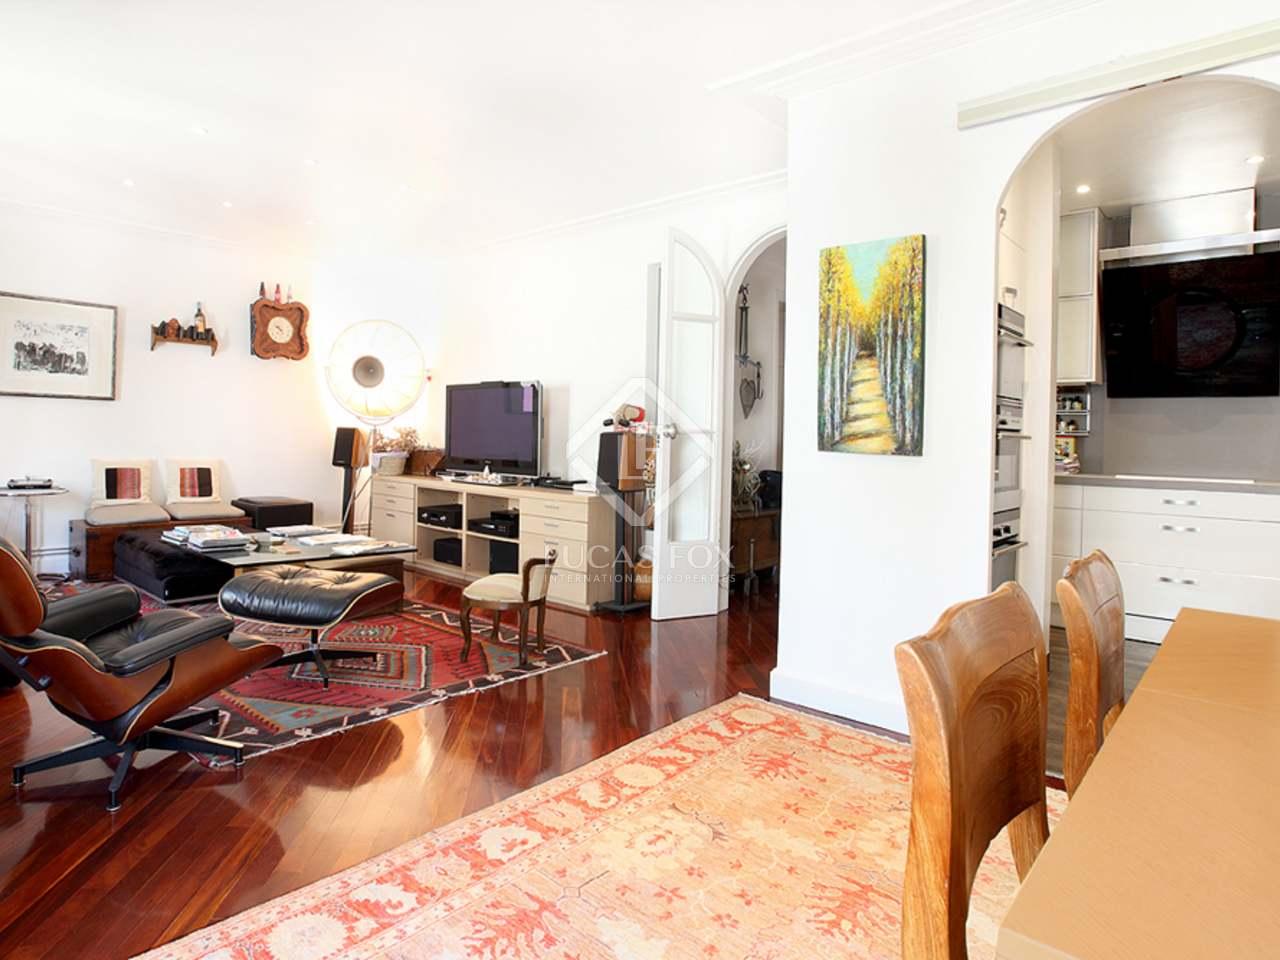 Appartement vendre dans le quartier de galvany barcelone - Acheter appartement a barcelone ...